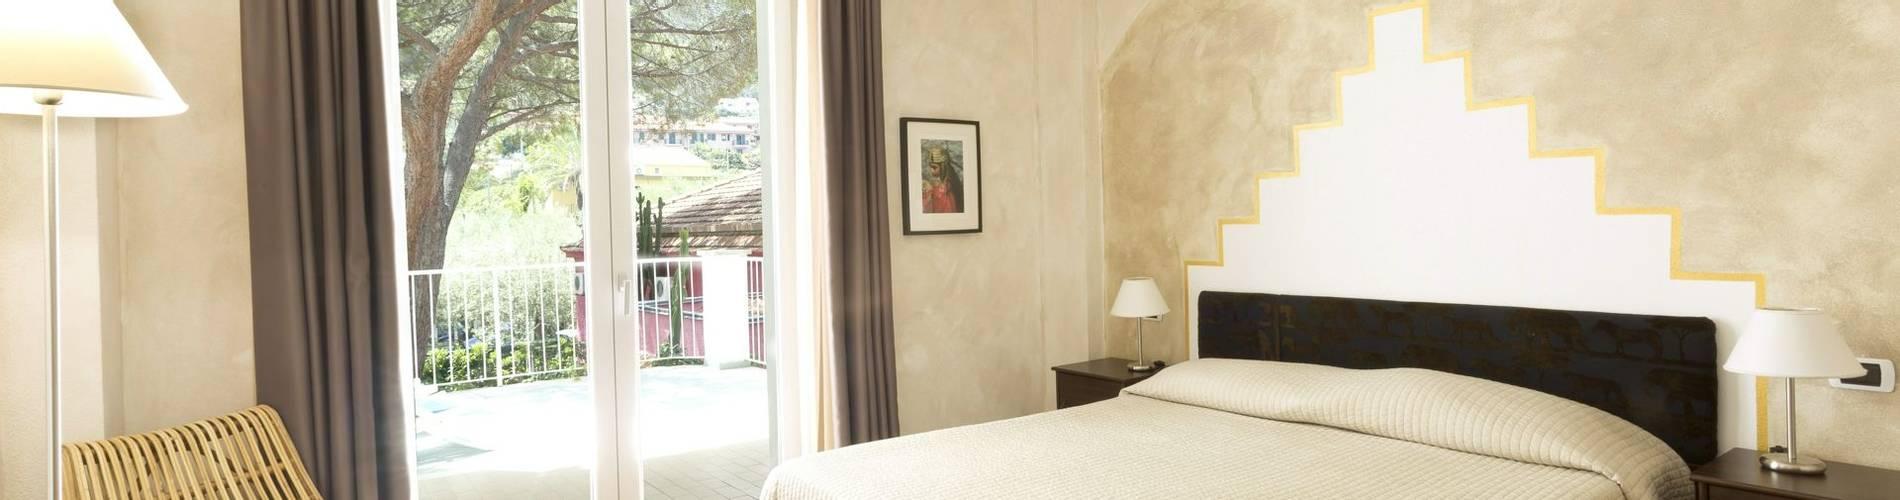 Kalura, Sicily, Italy, Double Room (4).jpg